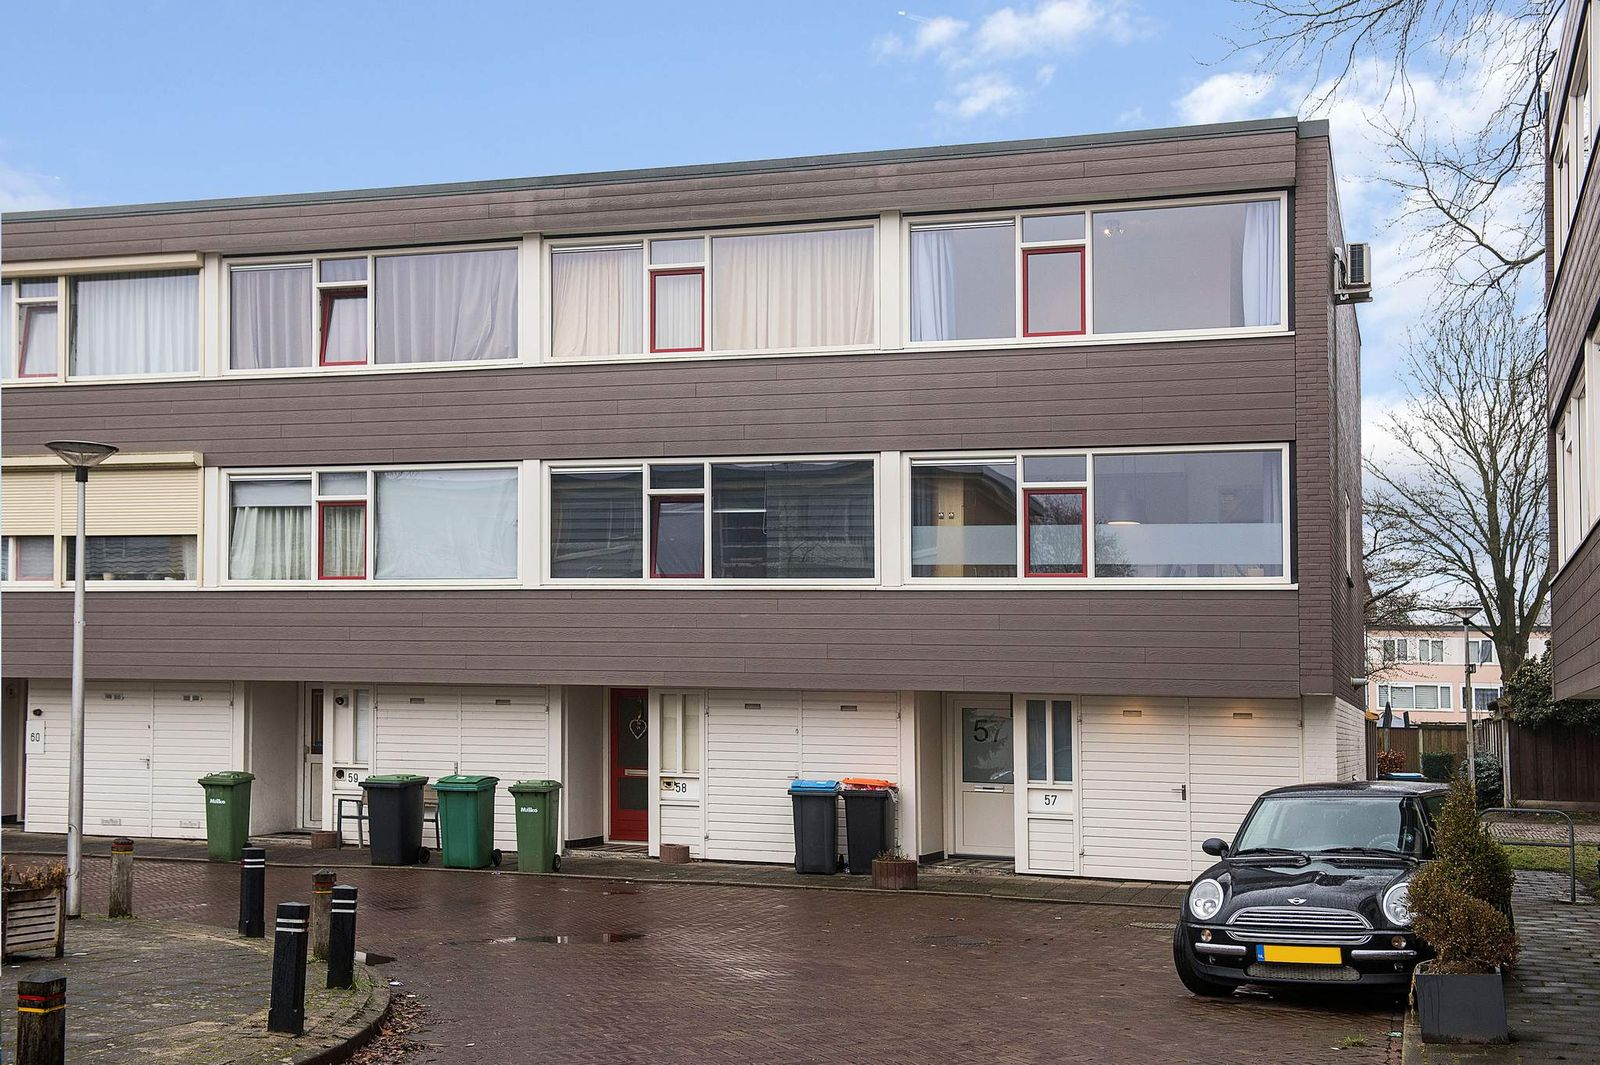 Ypelobrink 57, Enschede